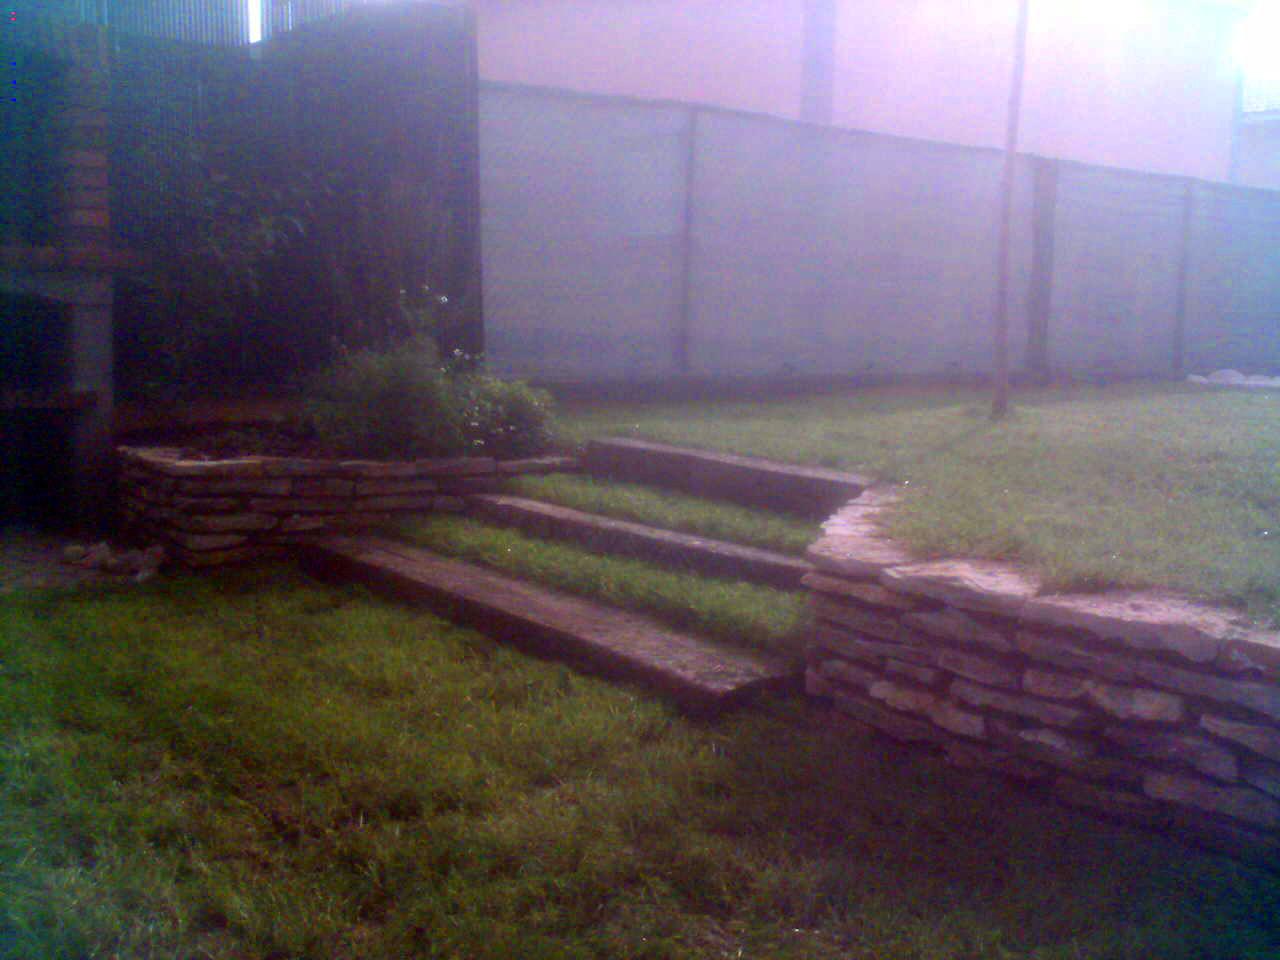 Mimojardín, trabajos de jardinería en general